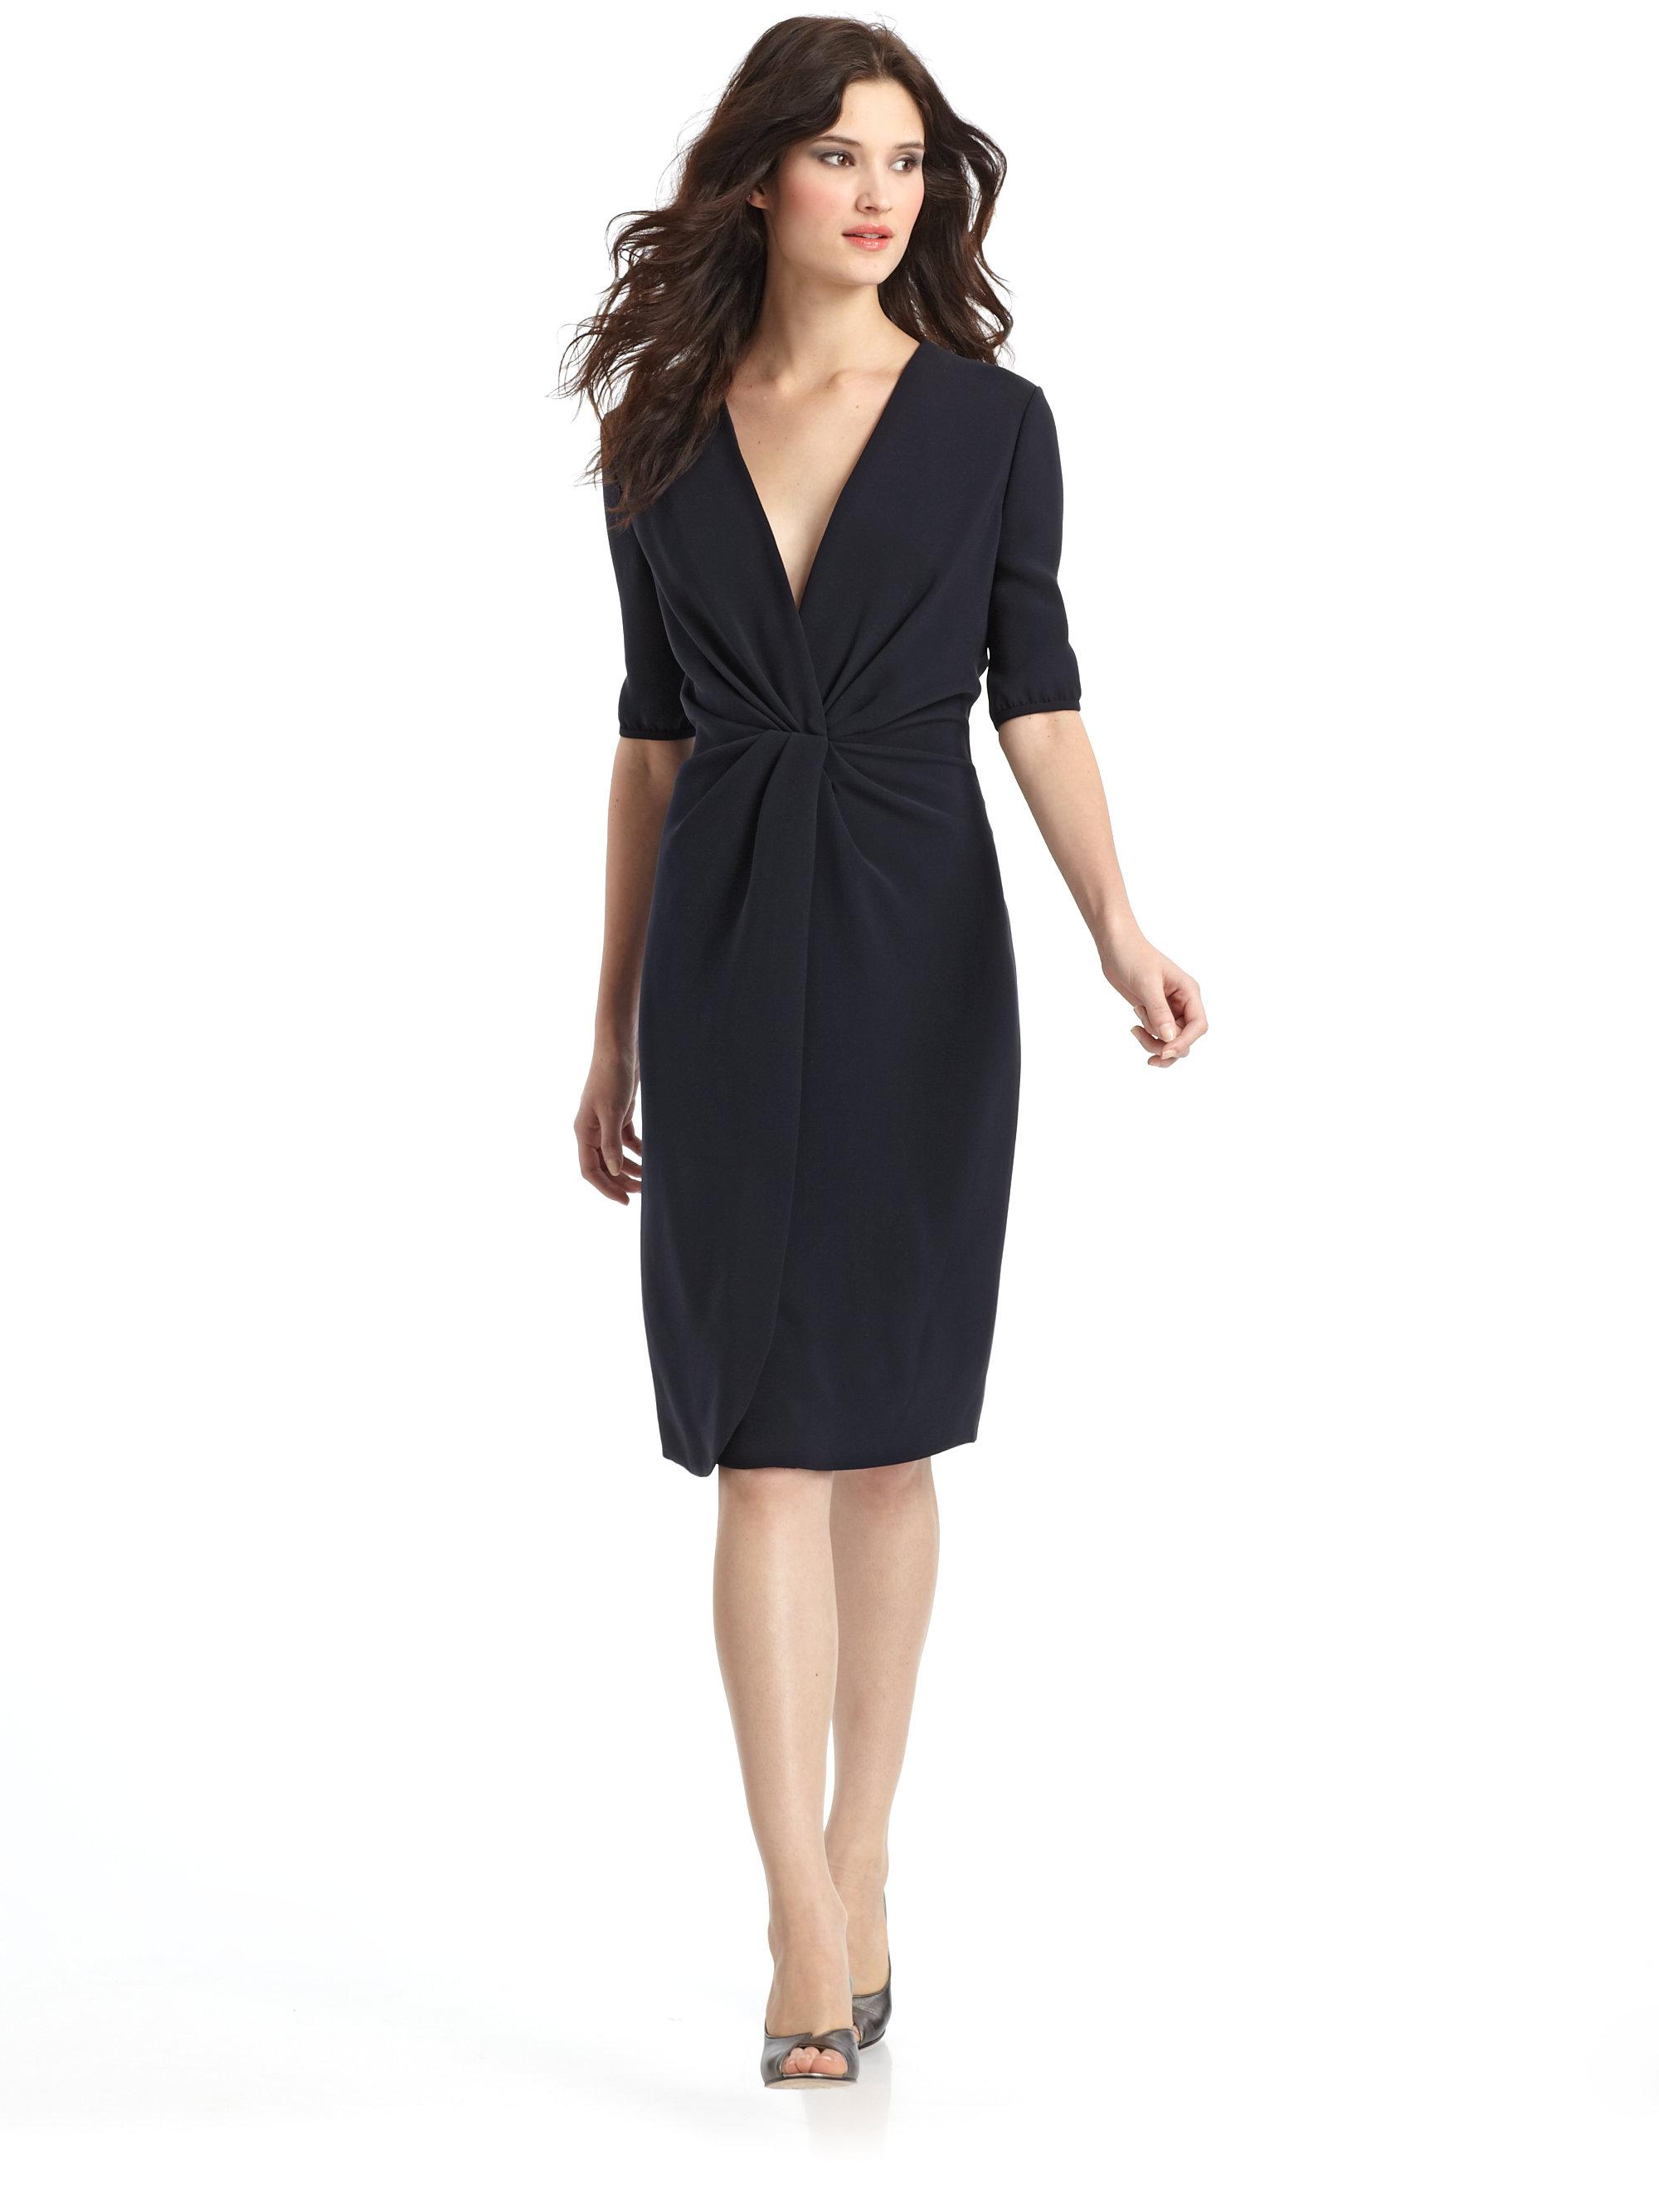 Giorgio armani Deep V Silk Dress in Black - Lyst